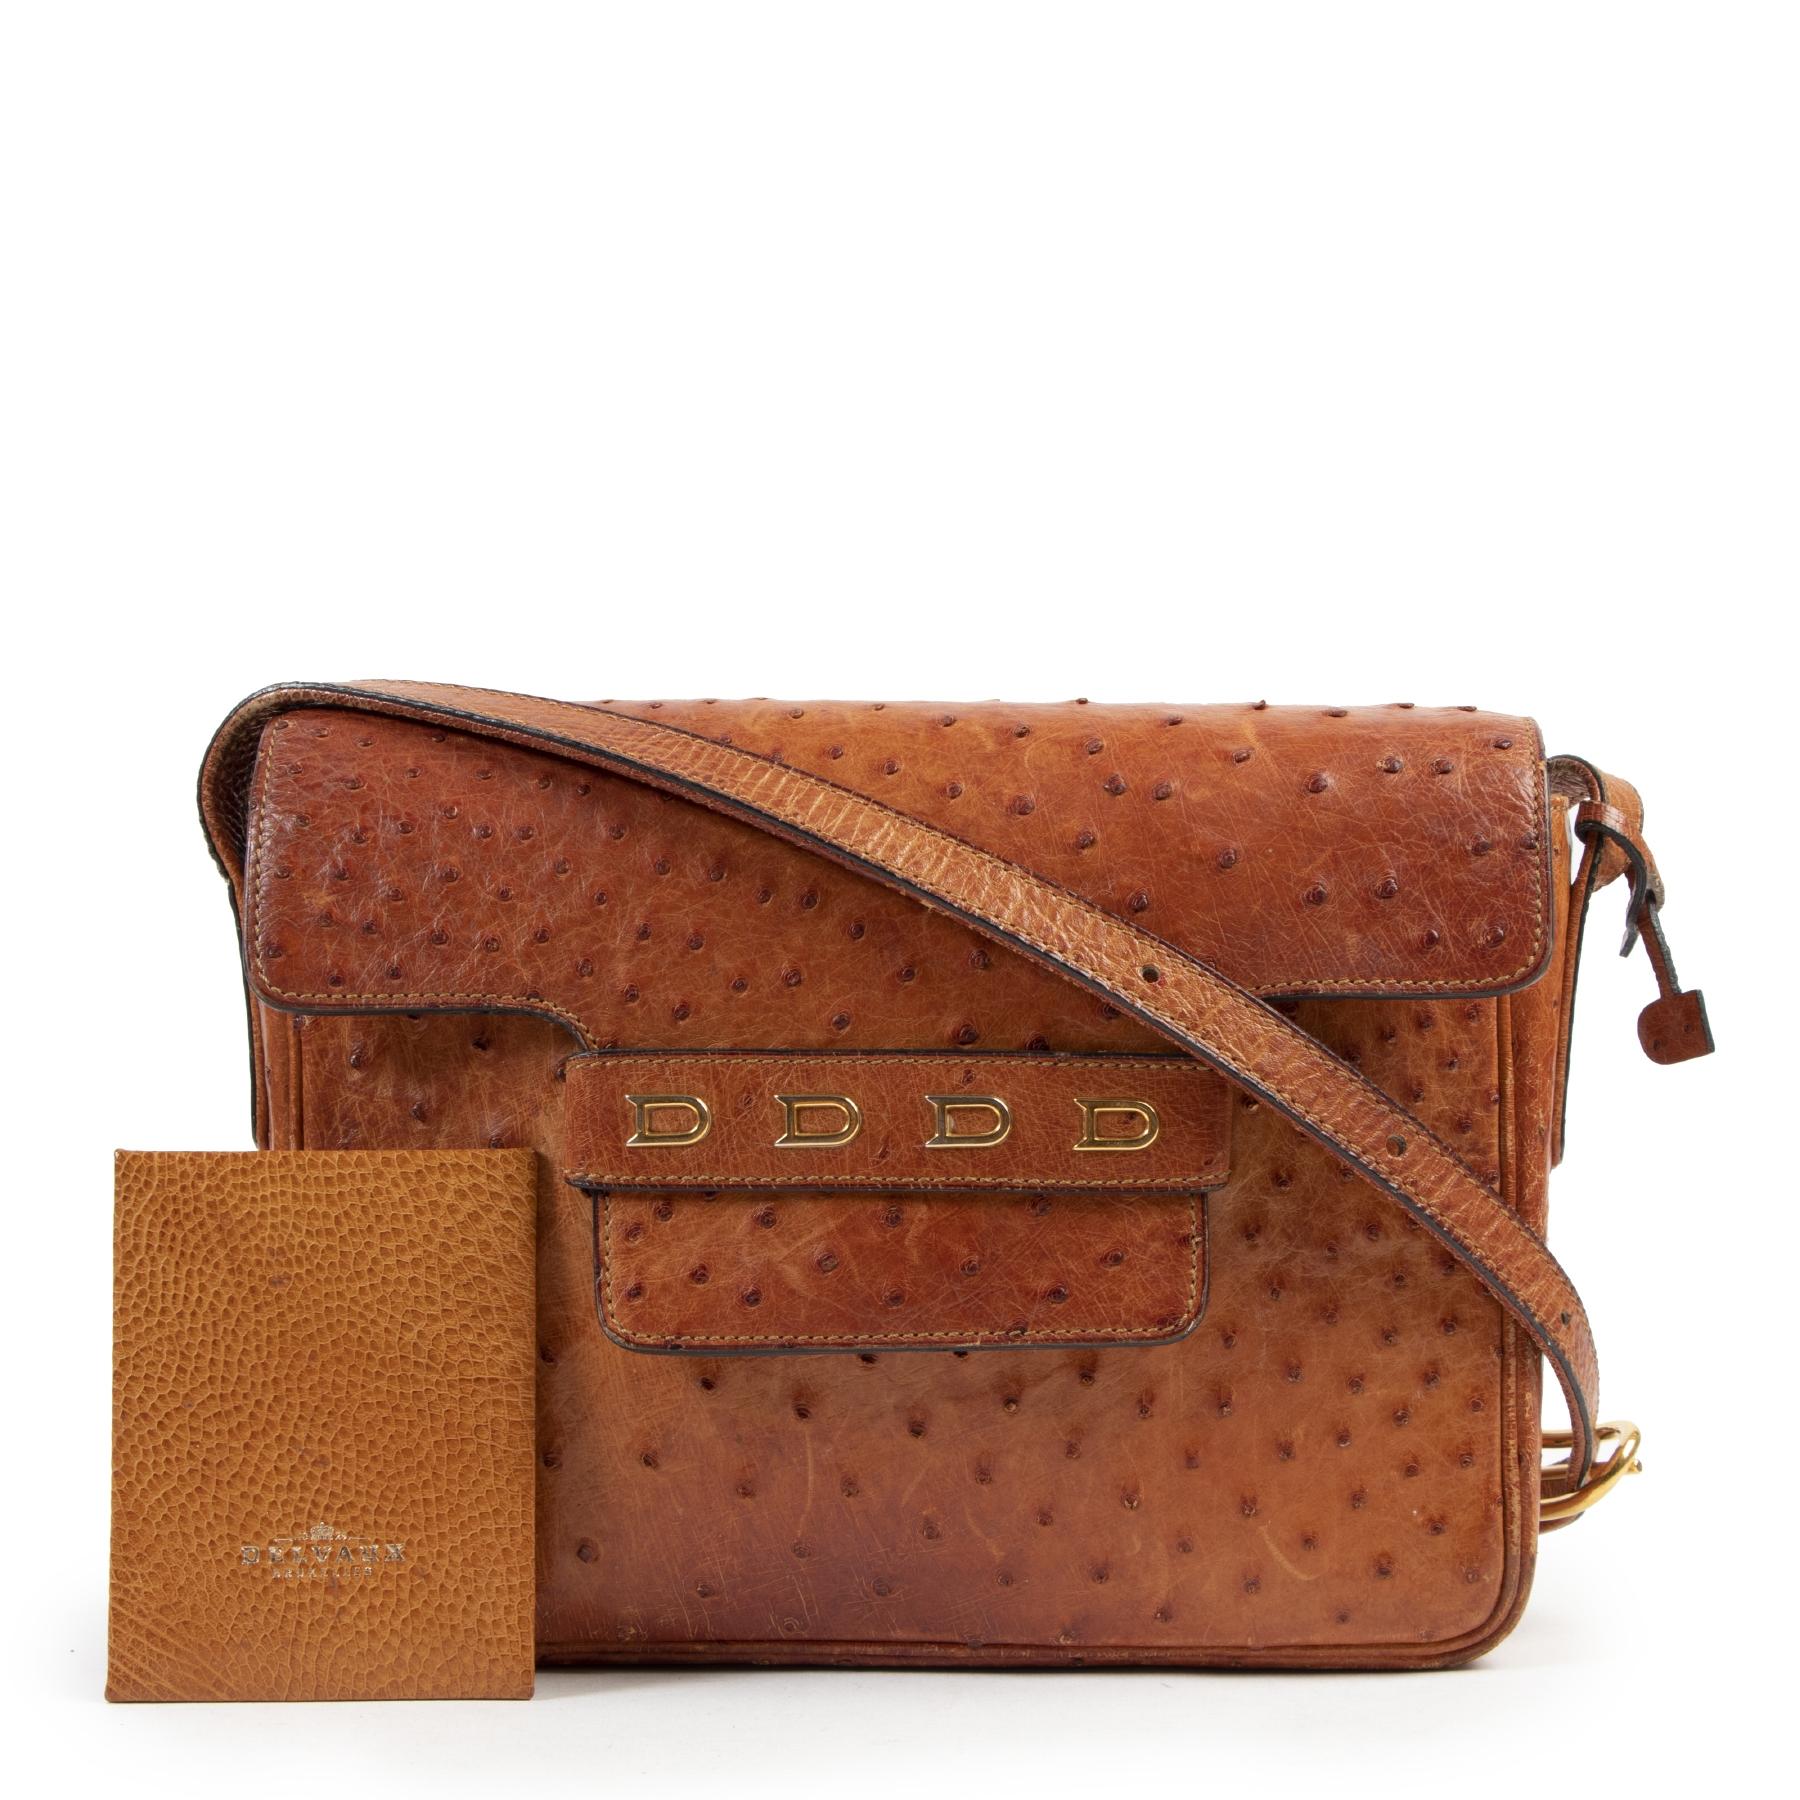 Authentieke Tweedehands Delvaux Cognac Ostrich Leather Crossbody Bag juiste prijs veilig online shoppen luxe merken webshop winkelen Antwerpen België mode fashion